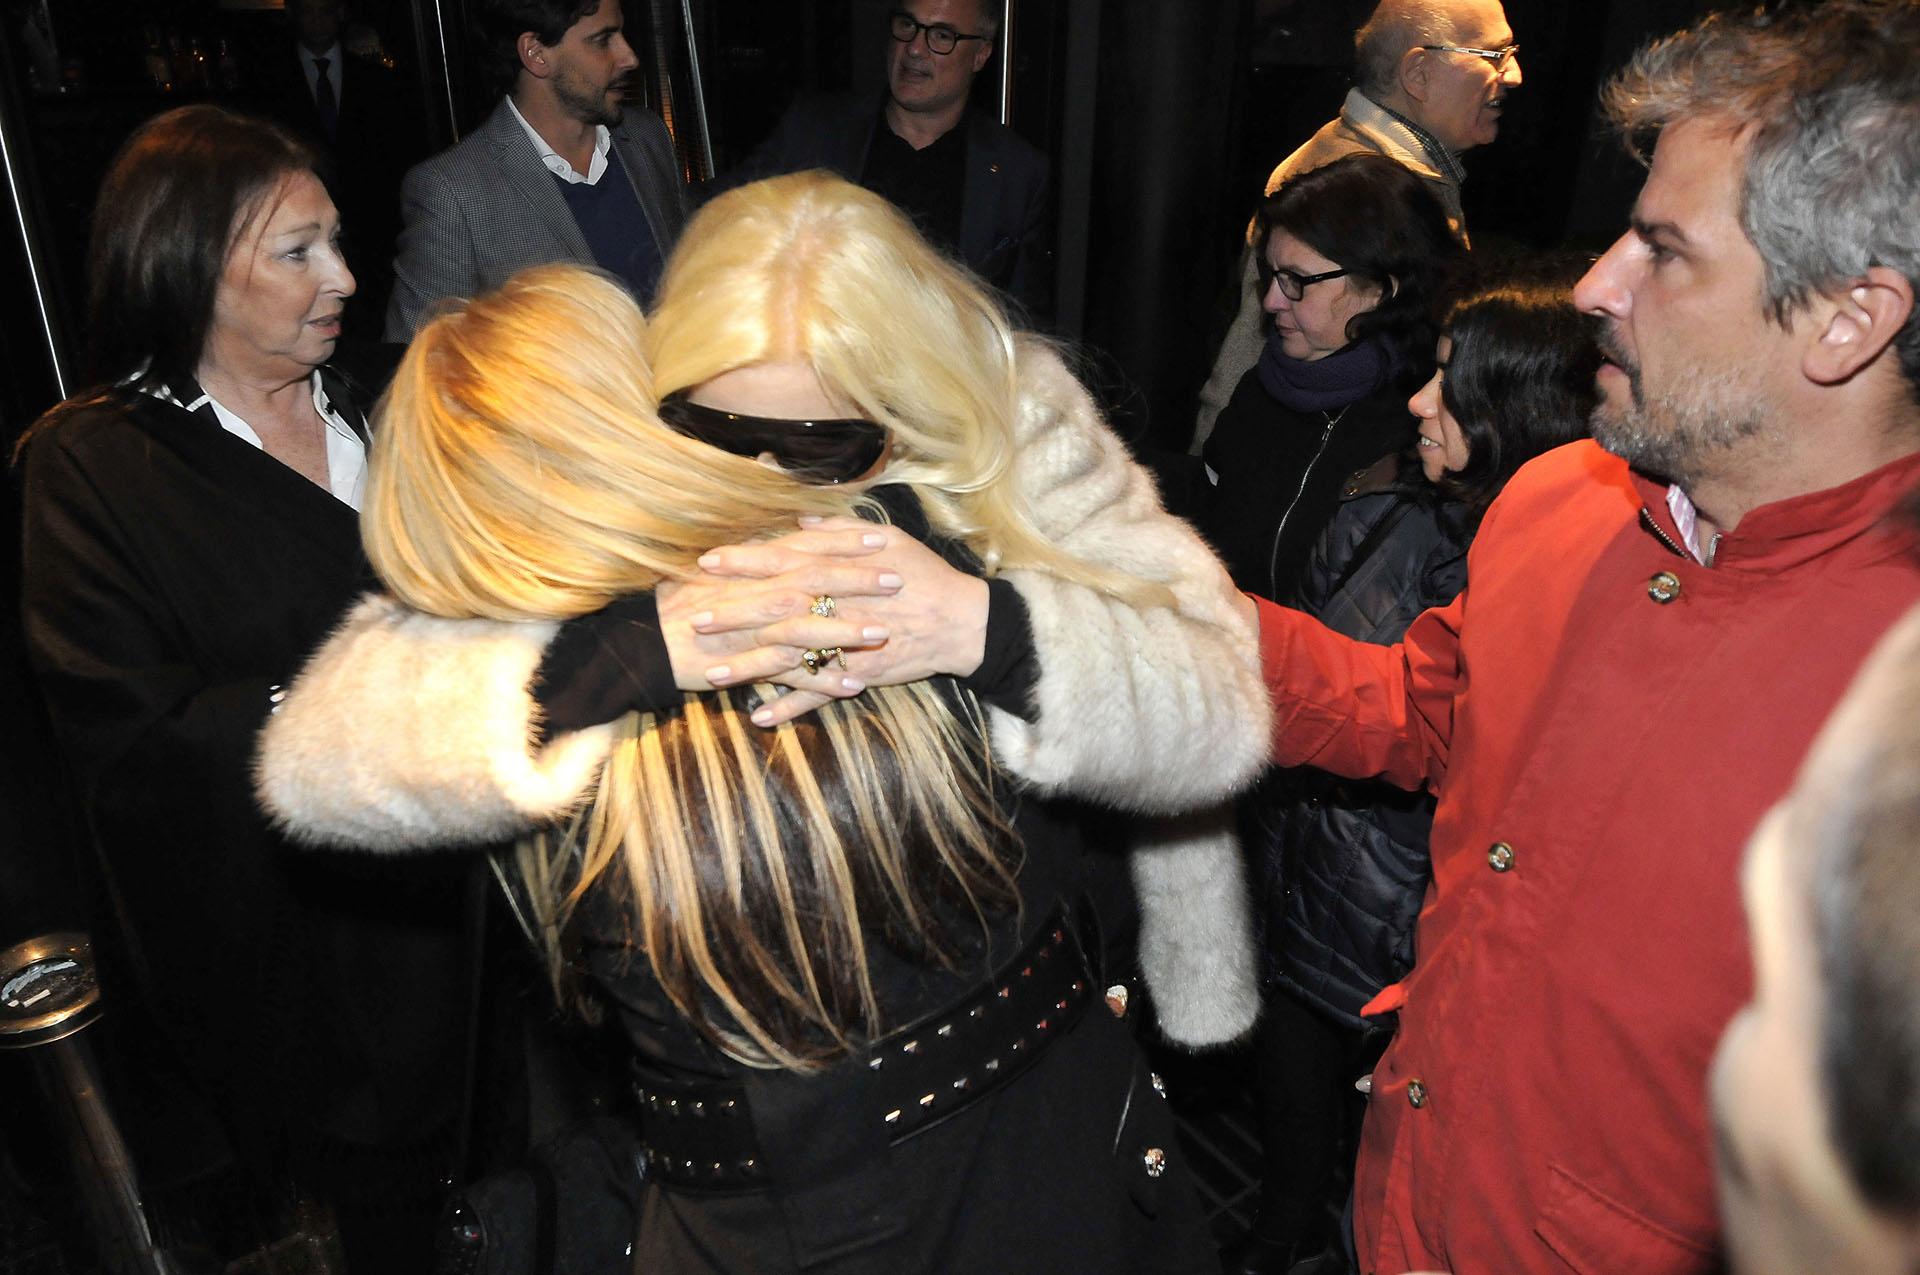 A la salida, Susana se abrazó con amigos y familiares que la acompañaron en el regreso de su programa